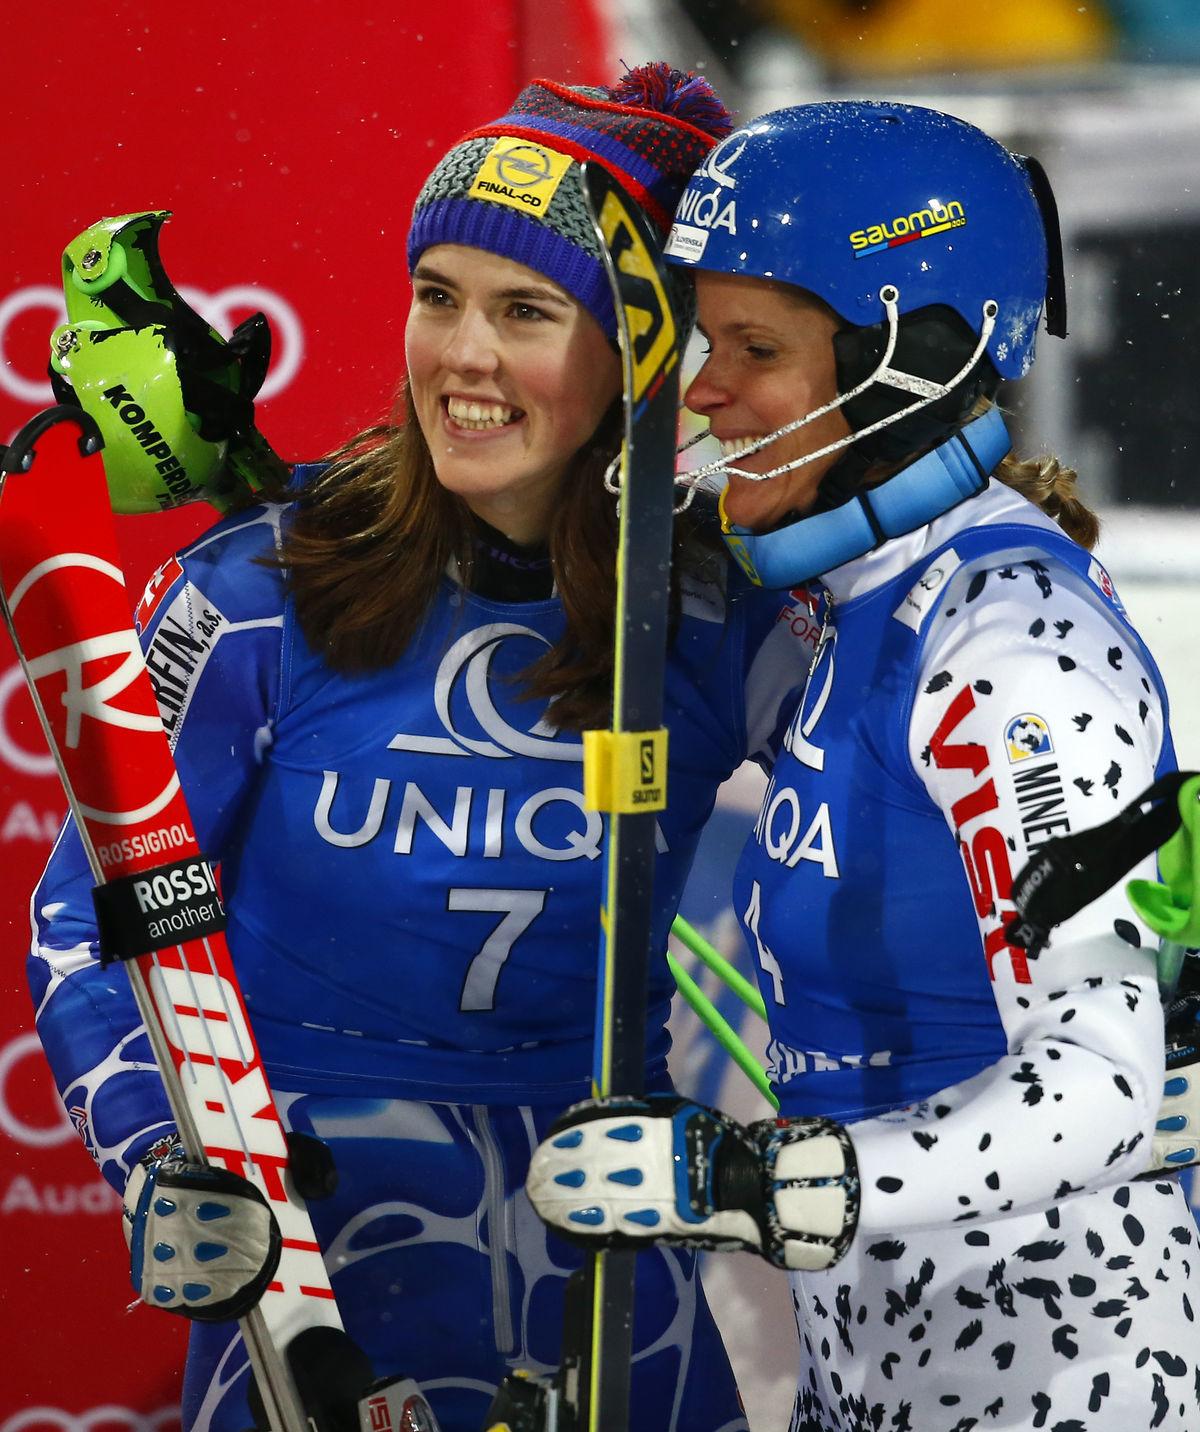 Skvelé slovenské slalomárky Veronika Velez-Zuzulová (vpravo) a Petra Vlhová.